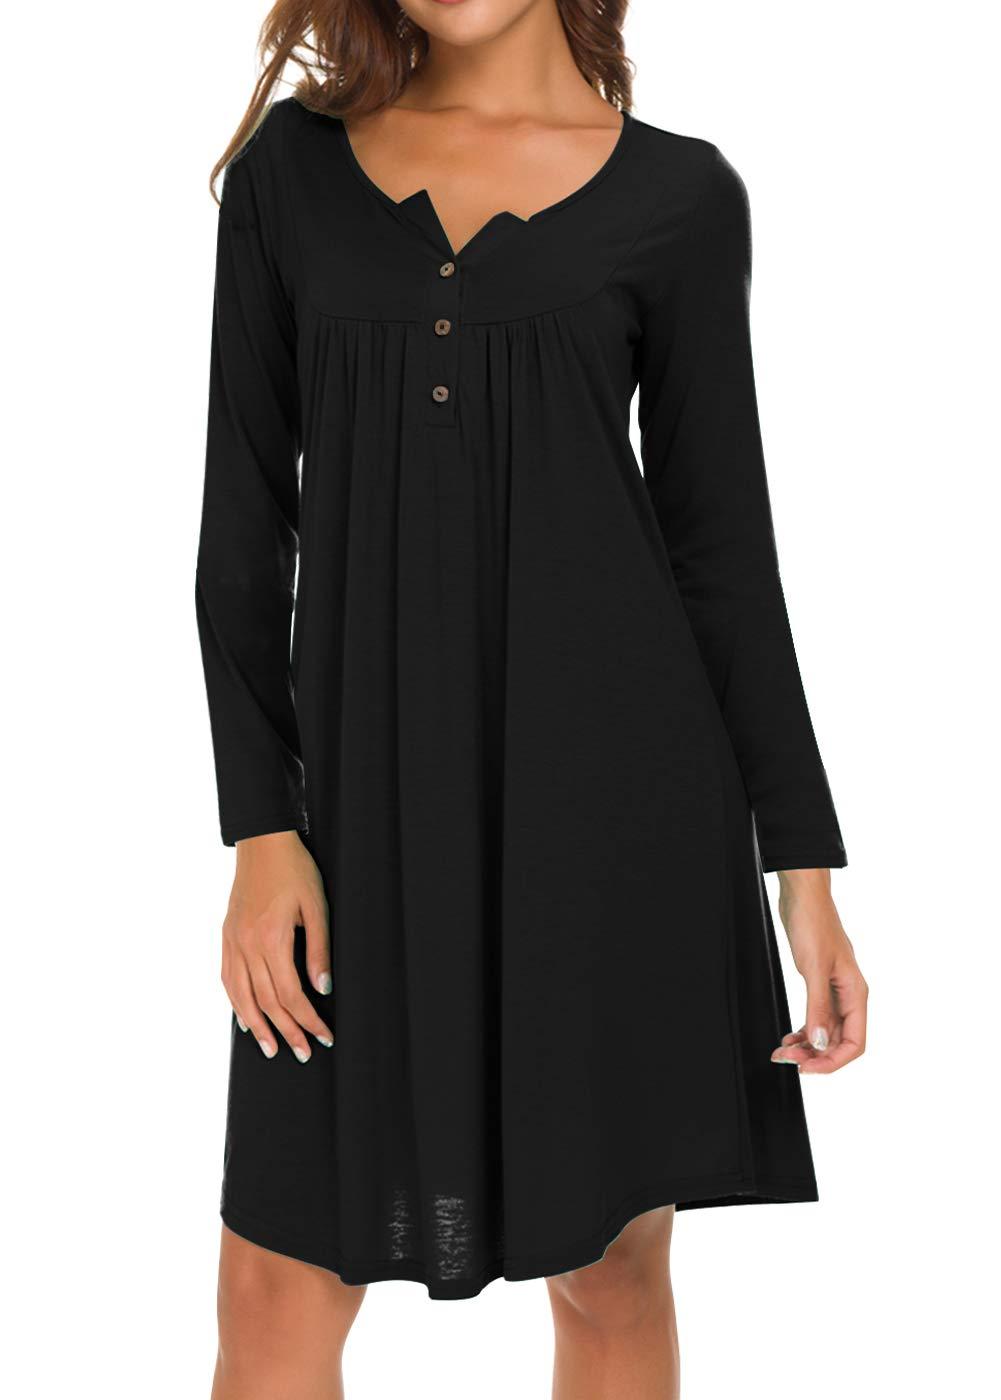 Eanklosco Damen Kleid mit V-Ausschnitt Lässige Schaukel Einfache Rüsche mit Knopf Lose Kleider Lange Ärmel (S, Schwarz)